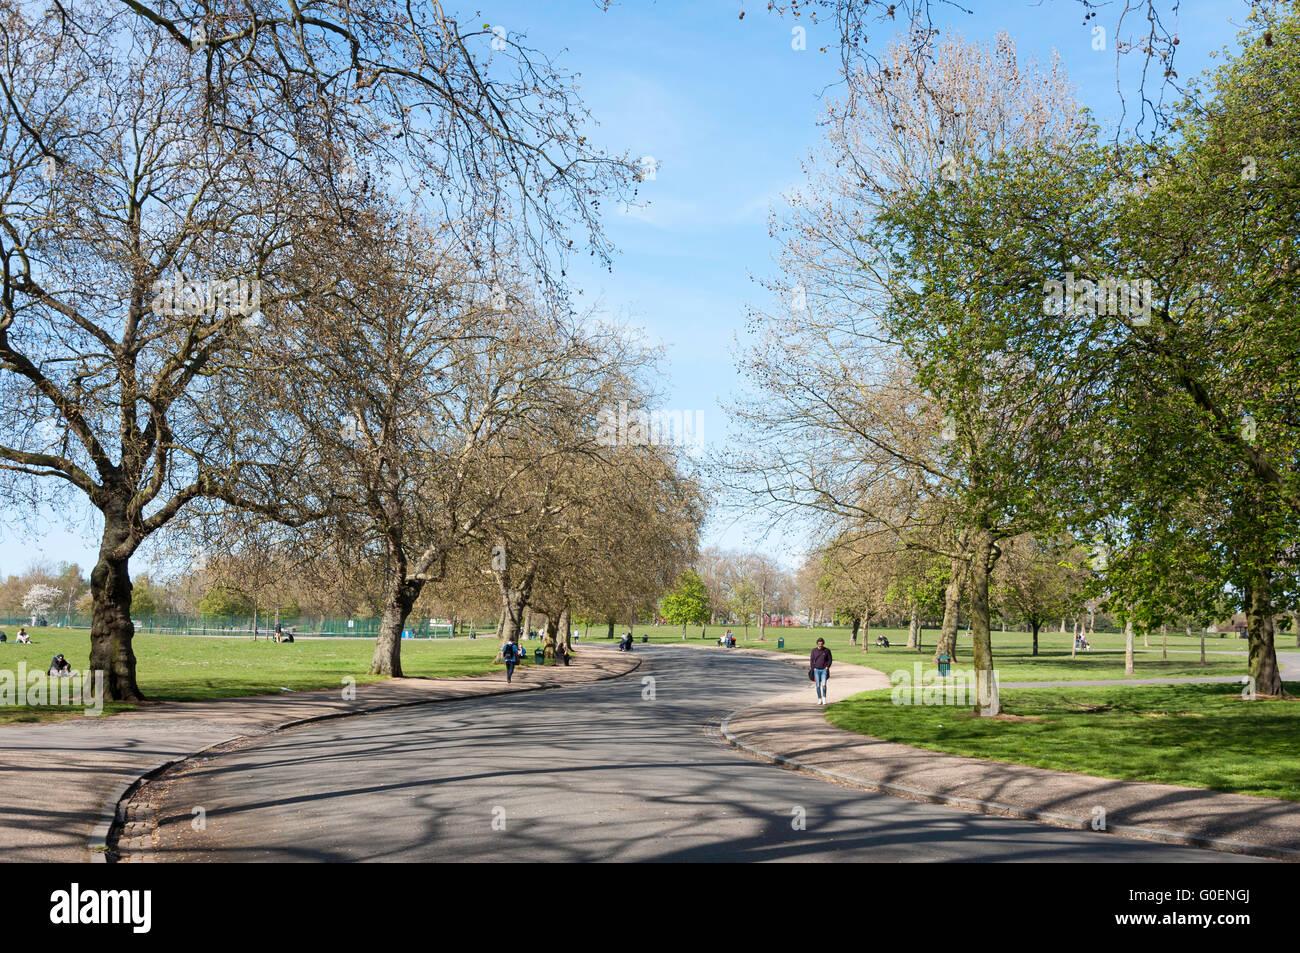 Finsbury Park, London Borough of Haringey, Greater London, England, United Kingdom - Stock Image